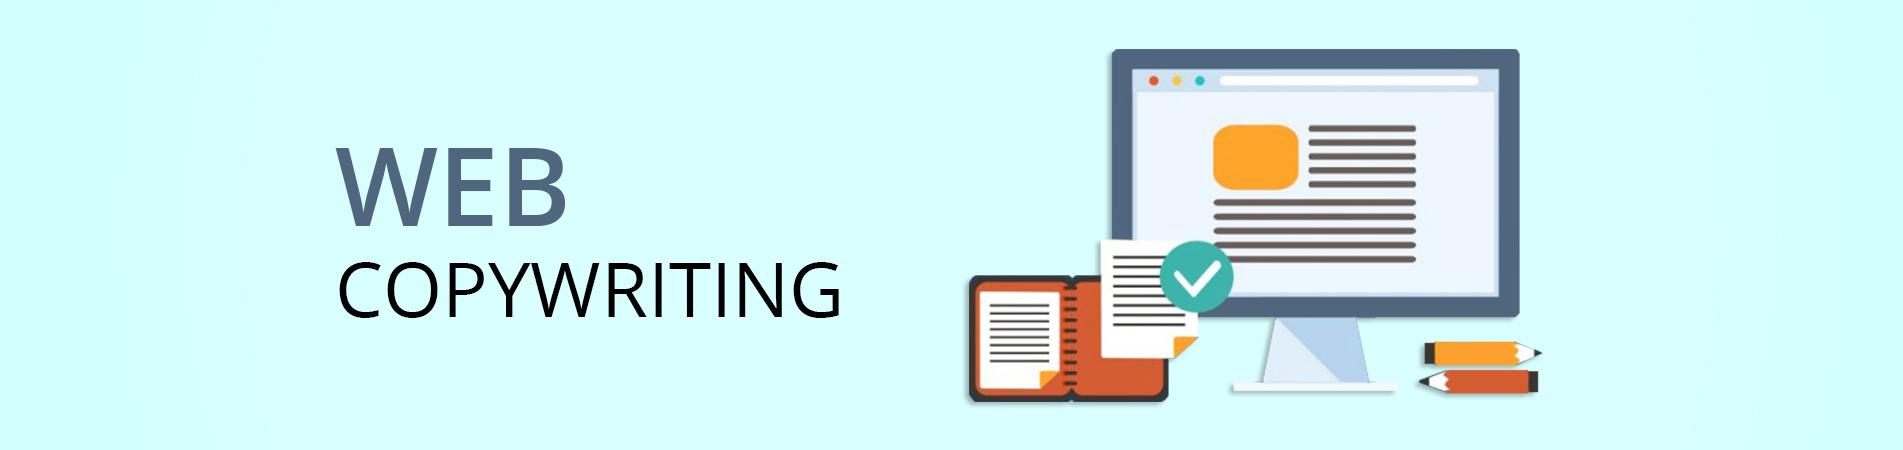 Web Copywriting Services Bangalore India